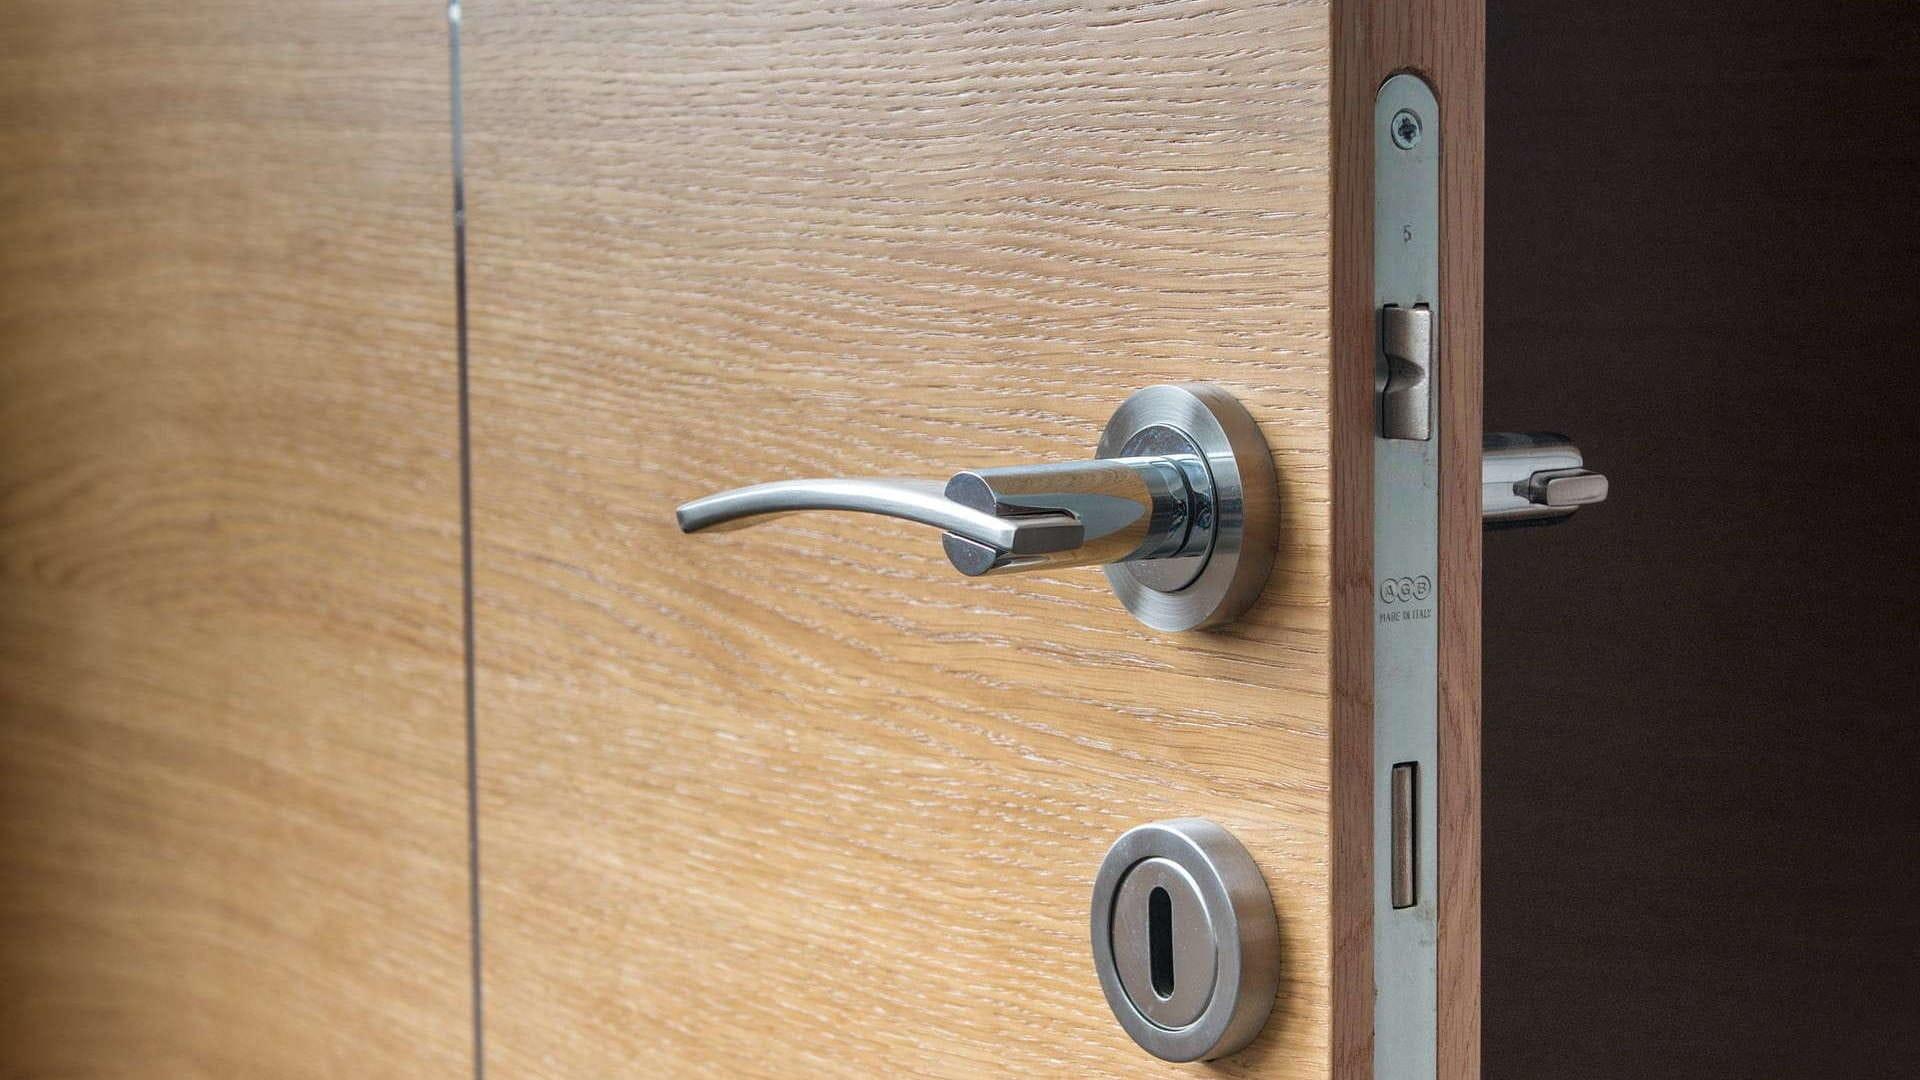 Migliori Maniglie Per Porte Interne i migliori 20 installatori di porte interne a bologna (con